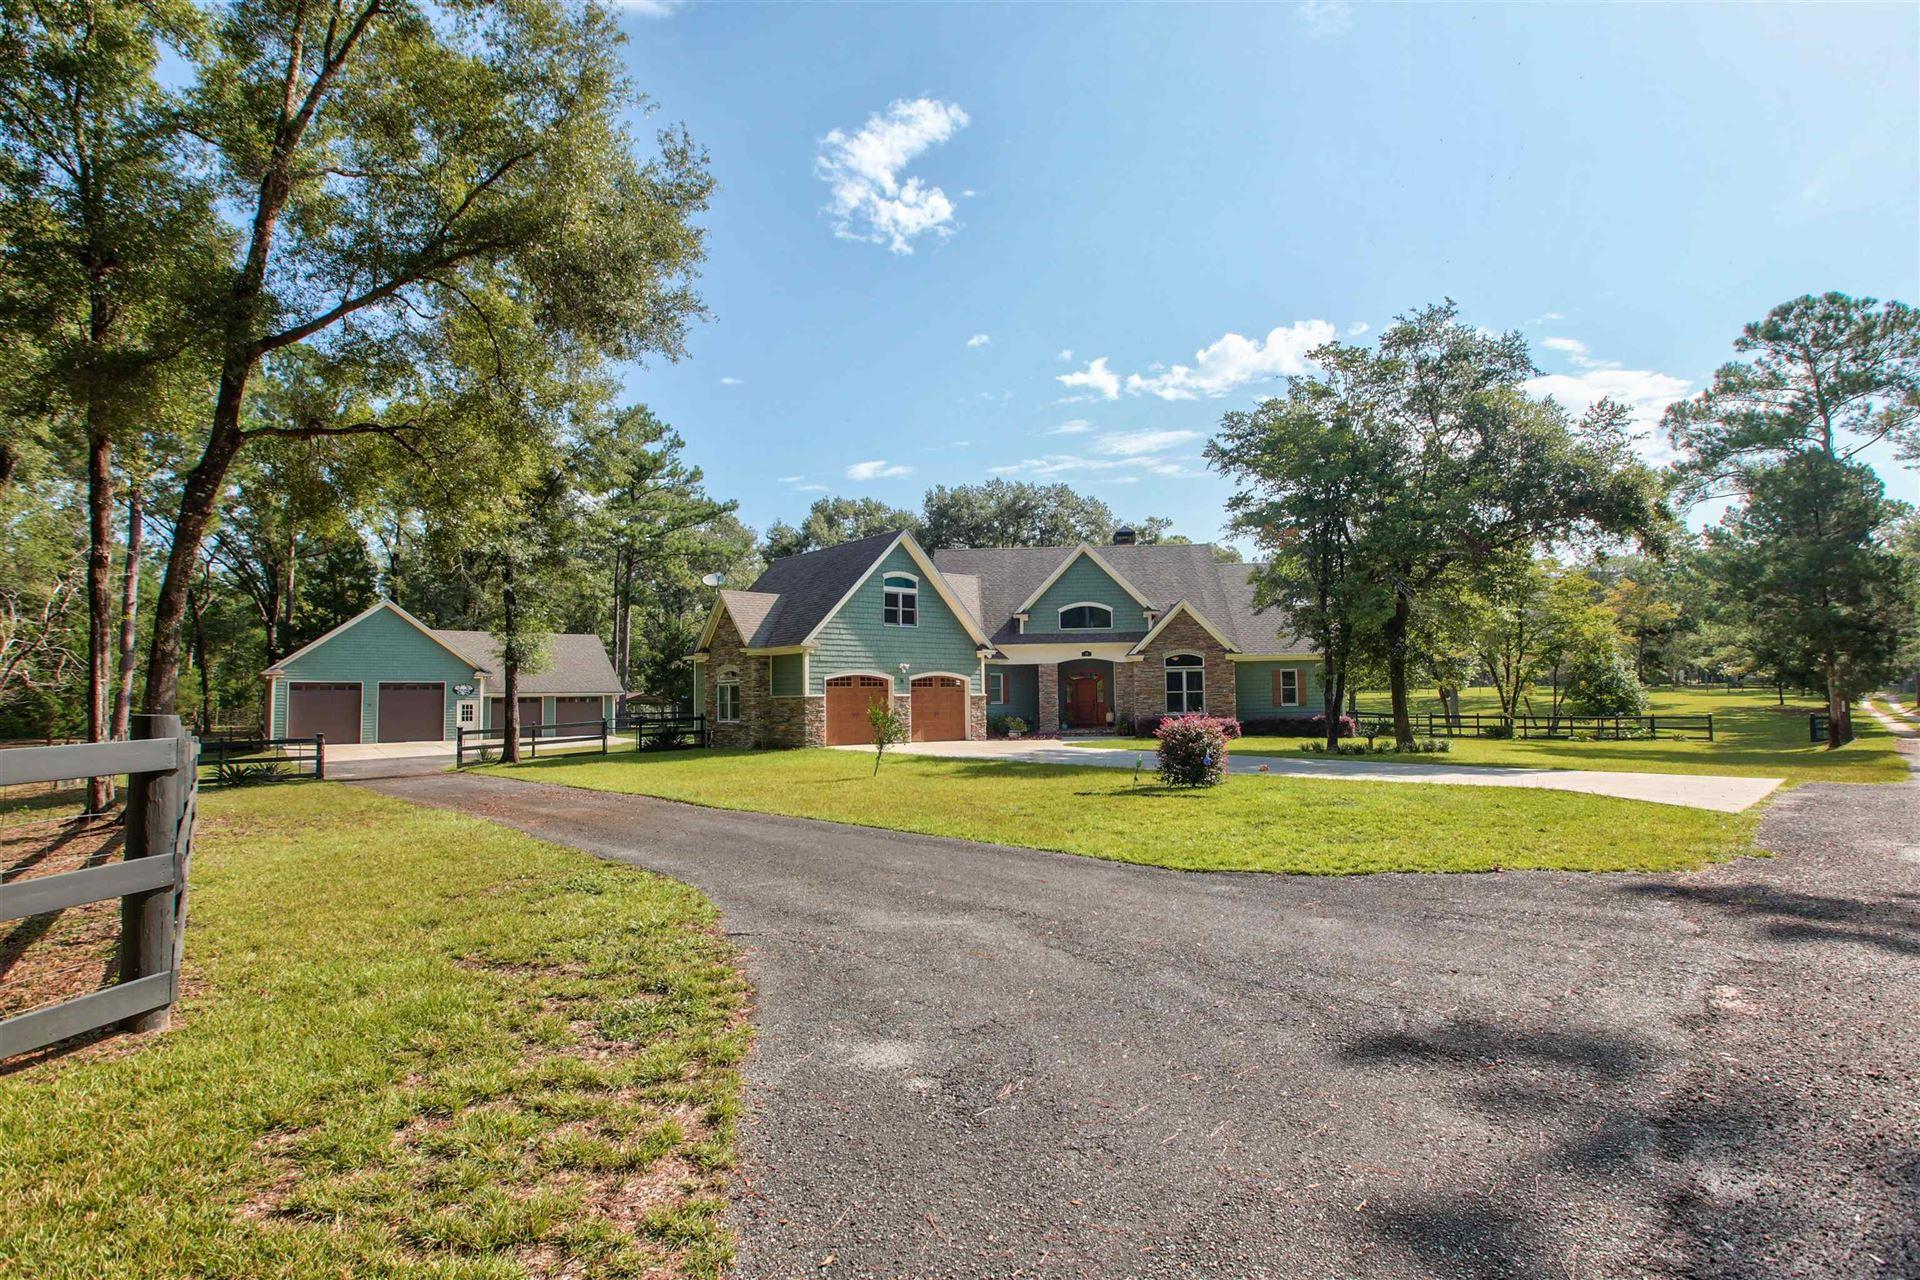 36 G.F. McKenzie Lane, Crawfordville, FL 32327 - MLS#: 336585